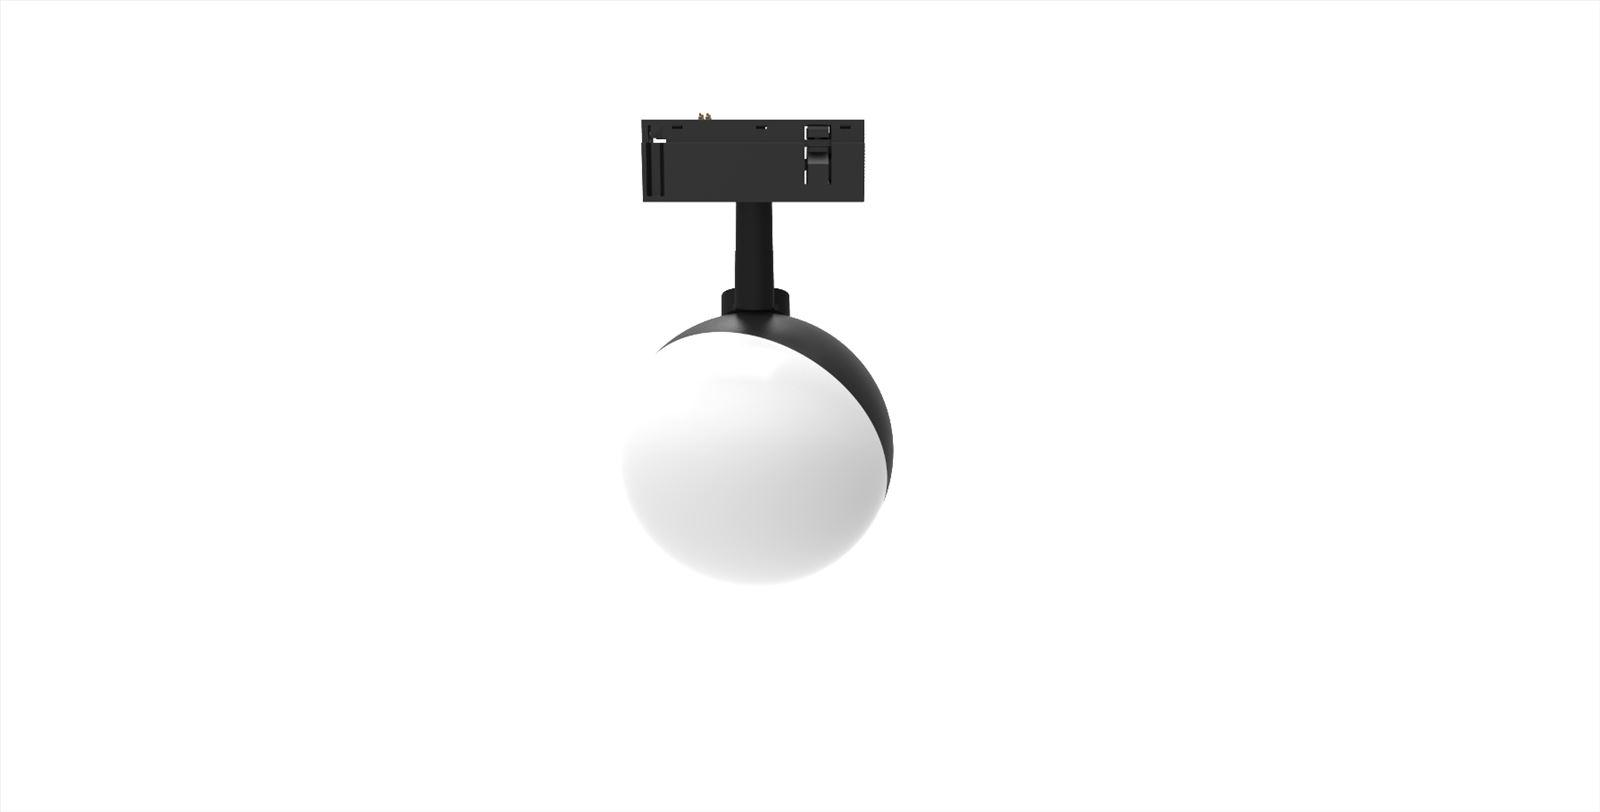 גופי תאורה בקטגוריית: מערכות תאורה קליק 25 ,שם המוצר: ספוט כדור חלבי למערכת קליק 25